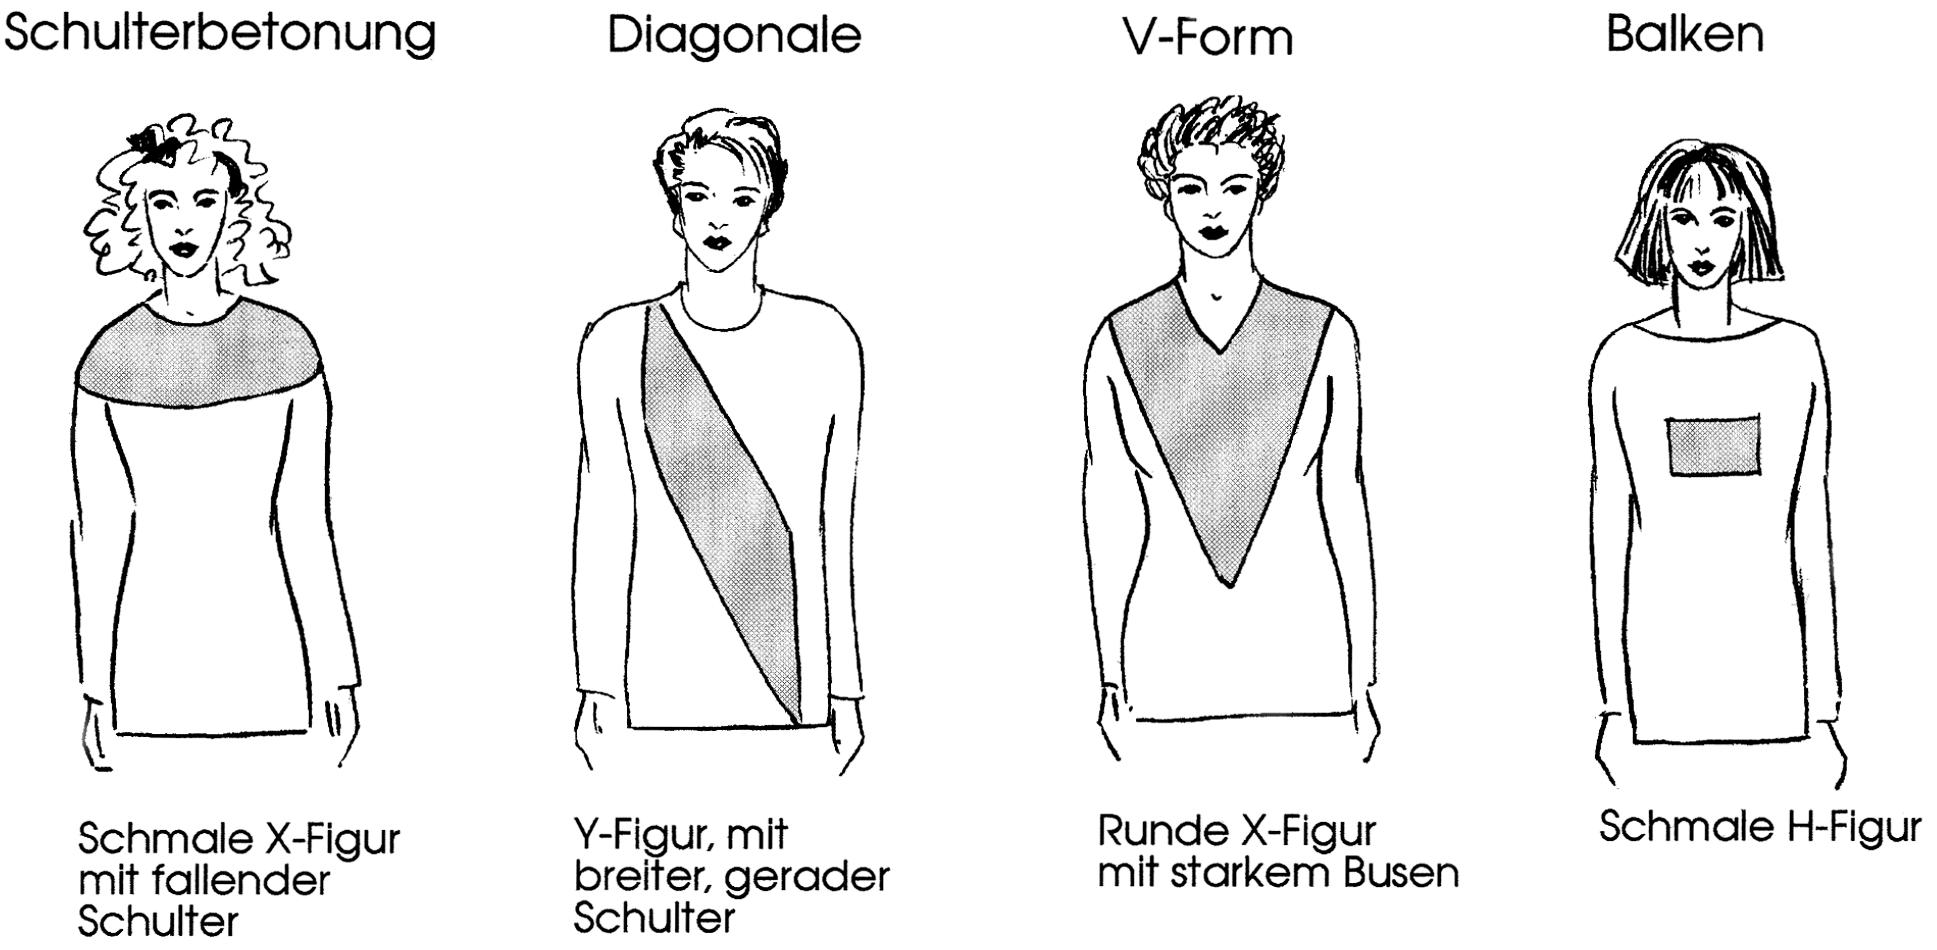 Zu sehen sind Zeichnungen für Applikationen auf Kleidung entsprechend den verscheidenen Figurtypen